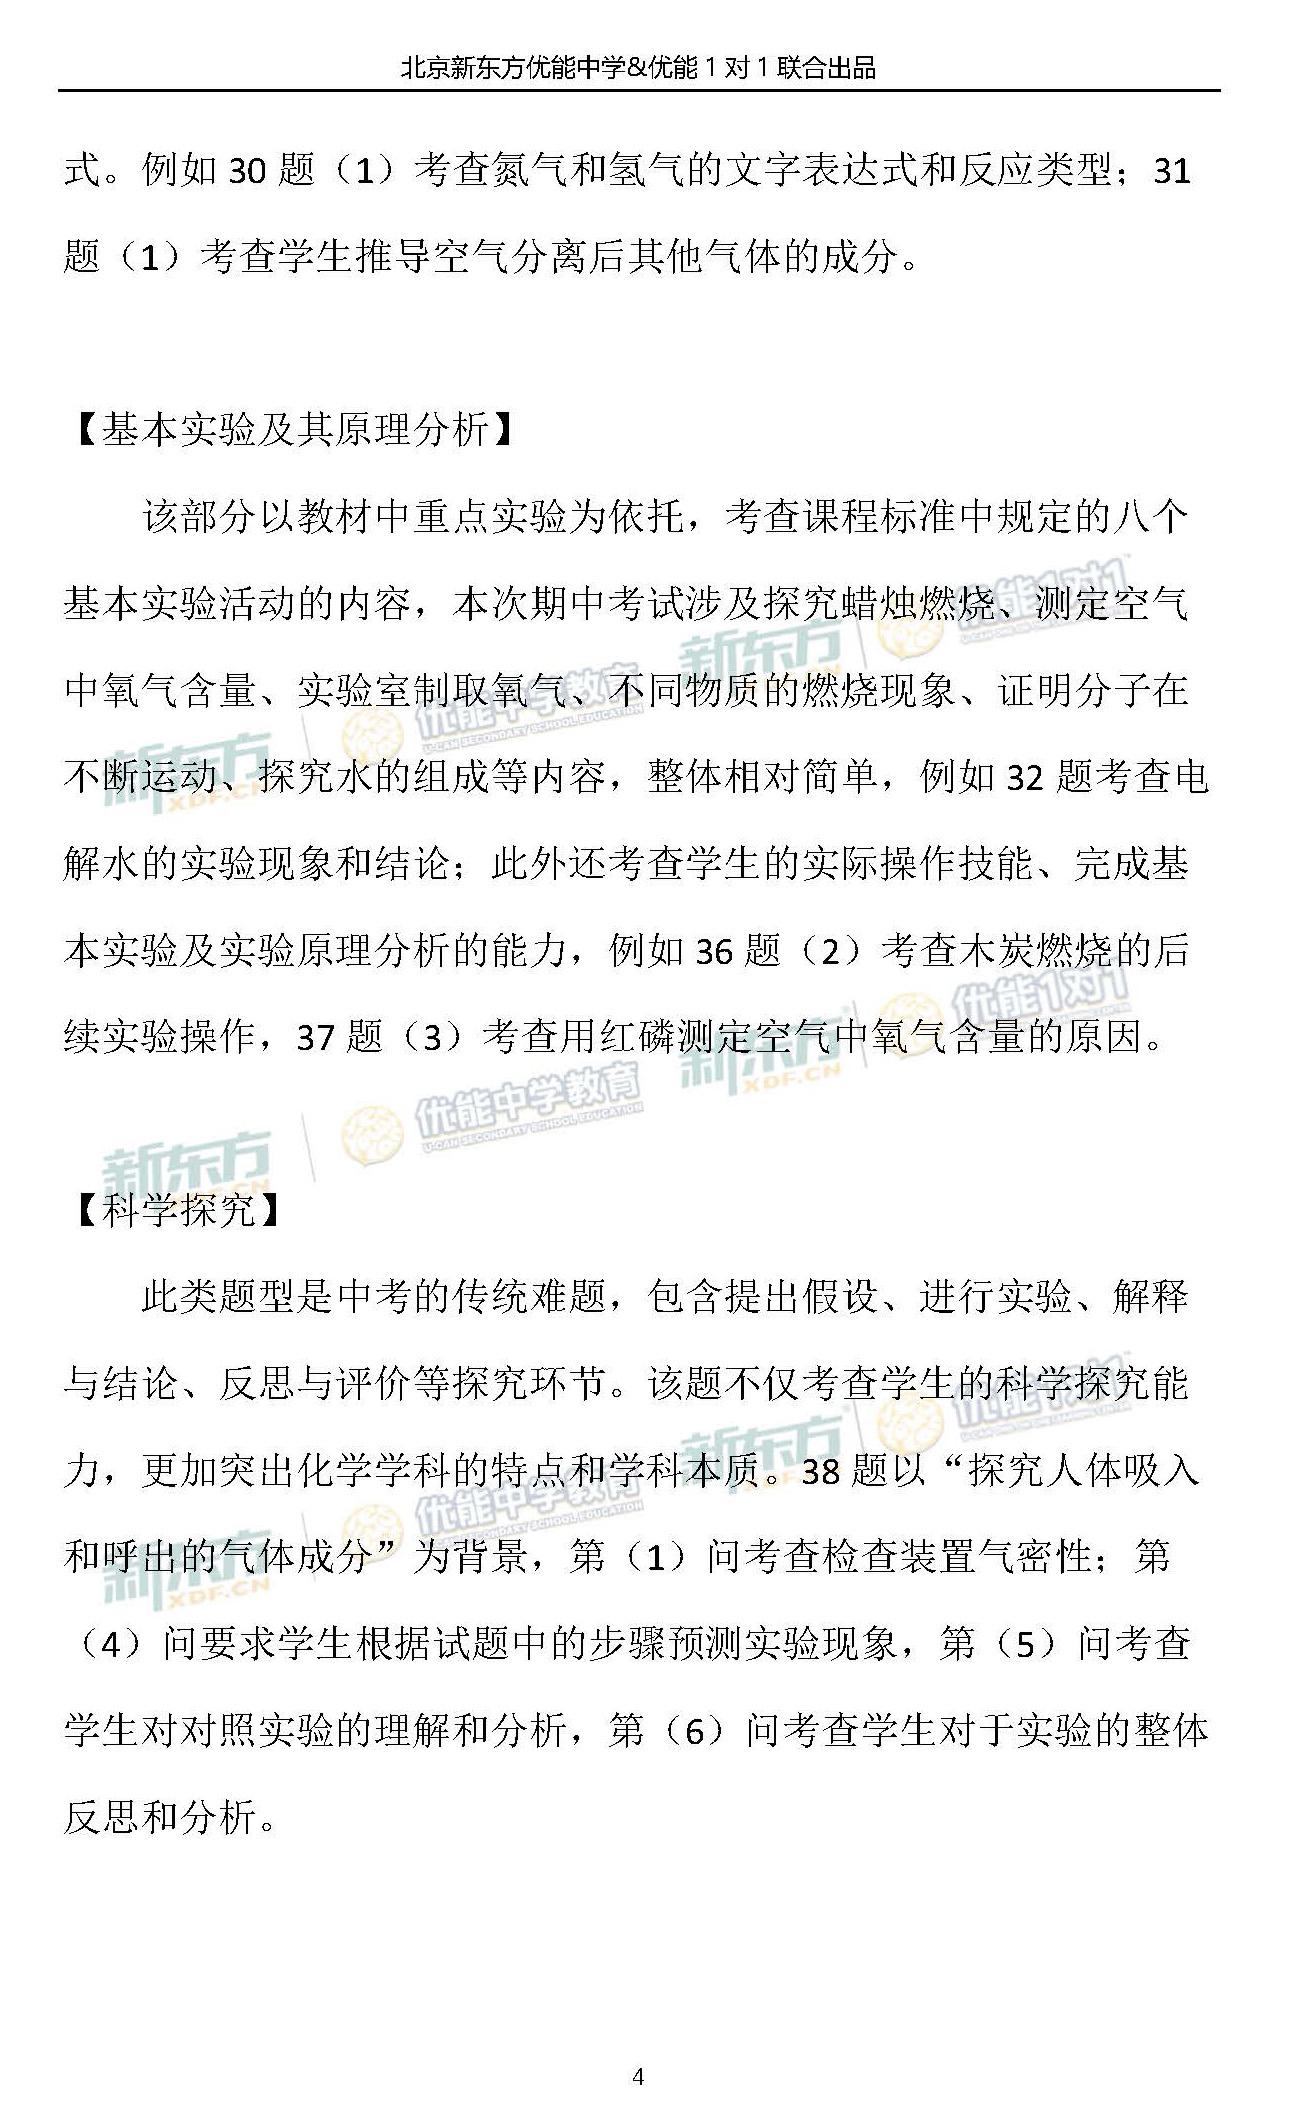 2018-2019学年北京海淀初三期中化学试题整体评析